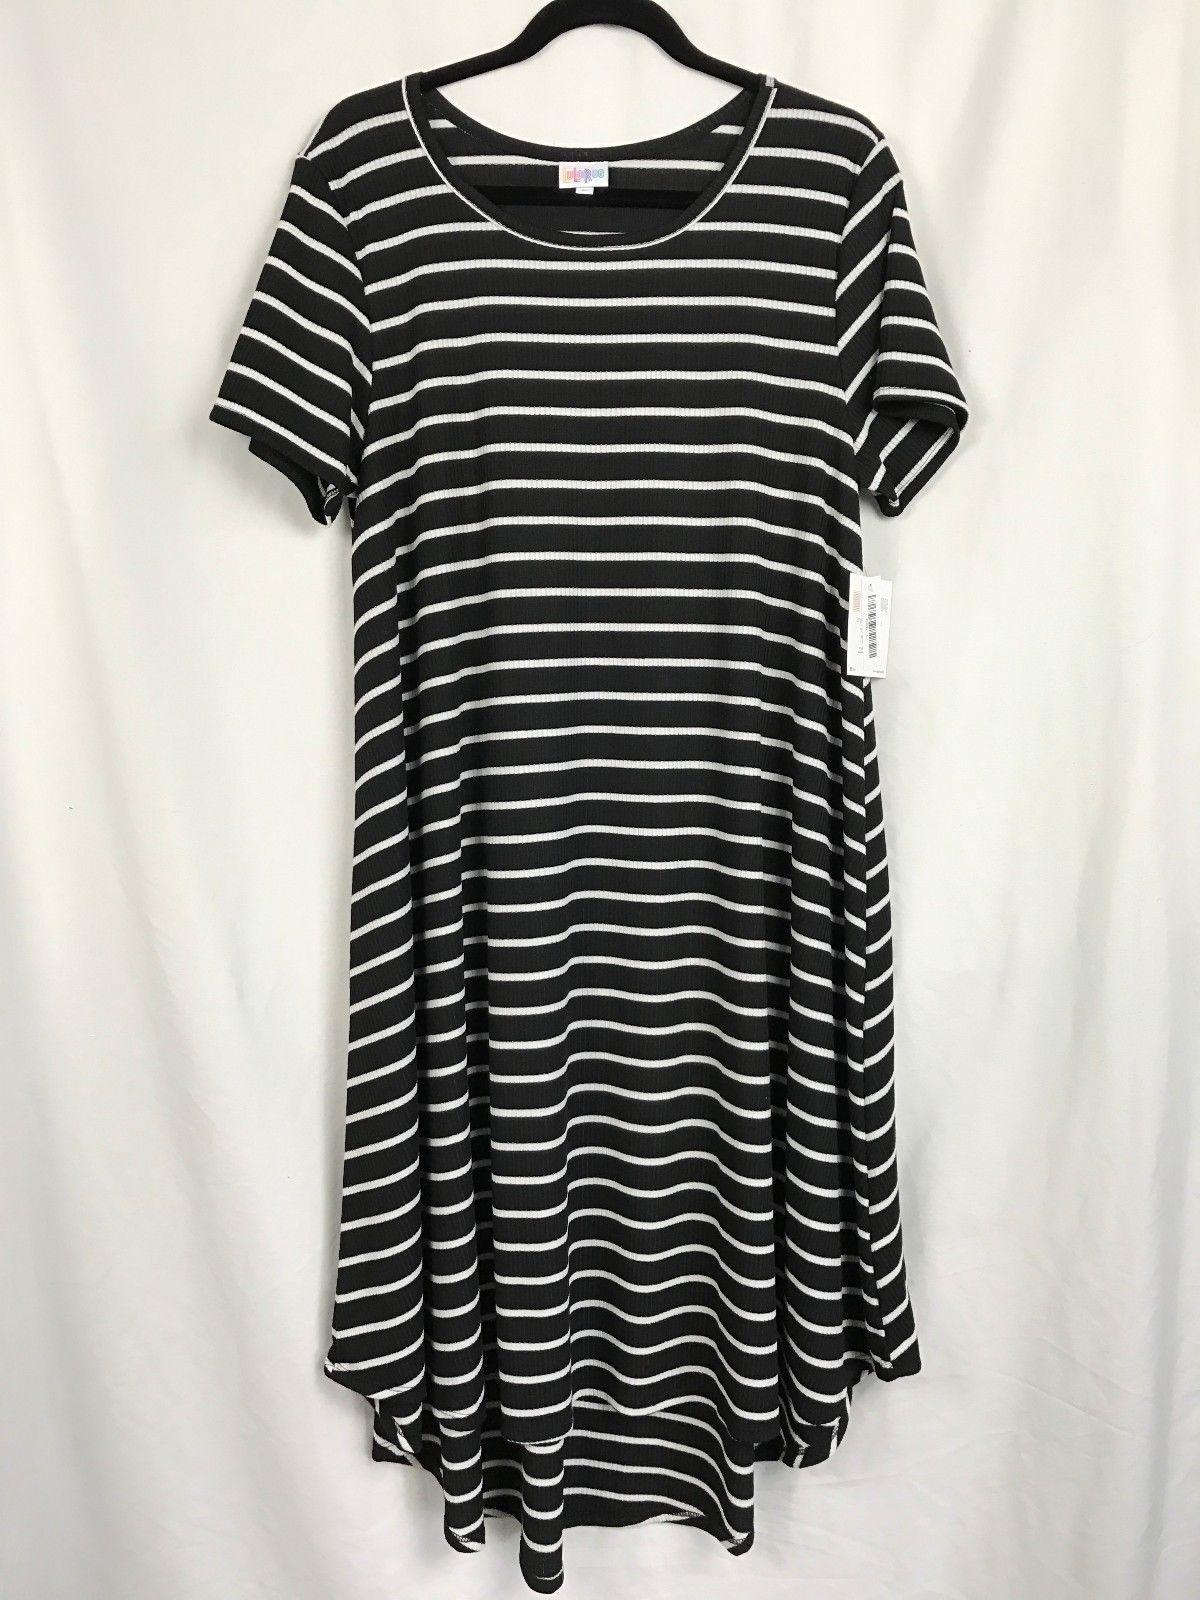 LuLaRoe Carly Large Black & White Stripedl! UNICORN!!! NWT https://t.co/HhxFWt9Xnz https://t.co/EWfd7hxbNZ